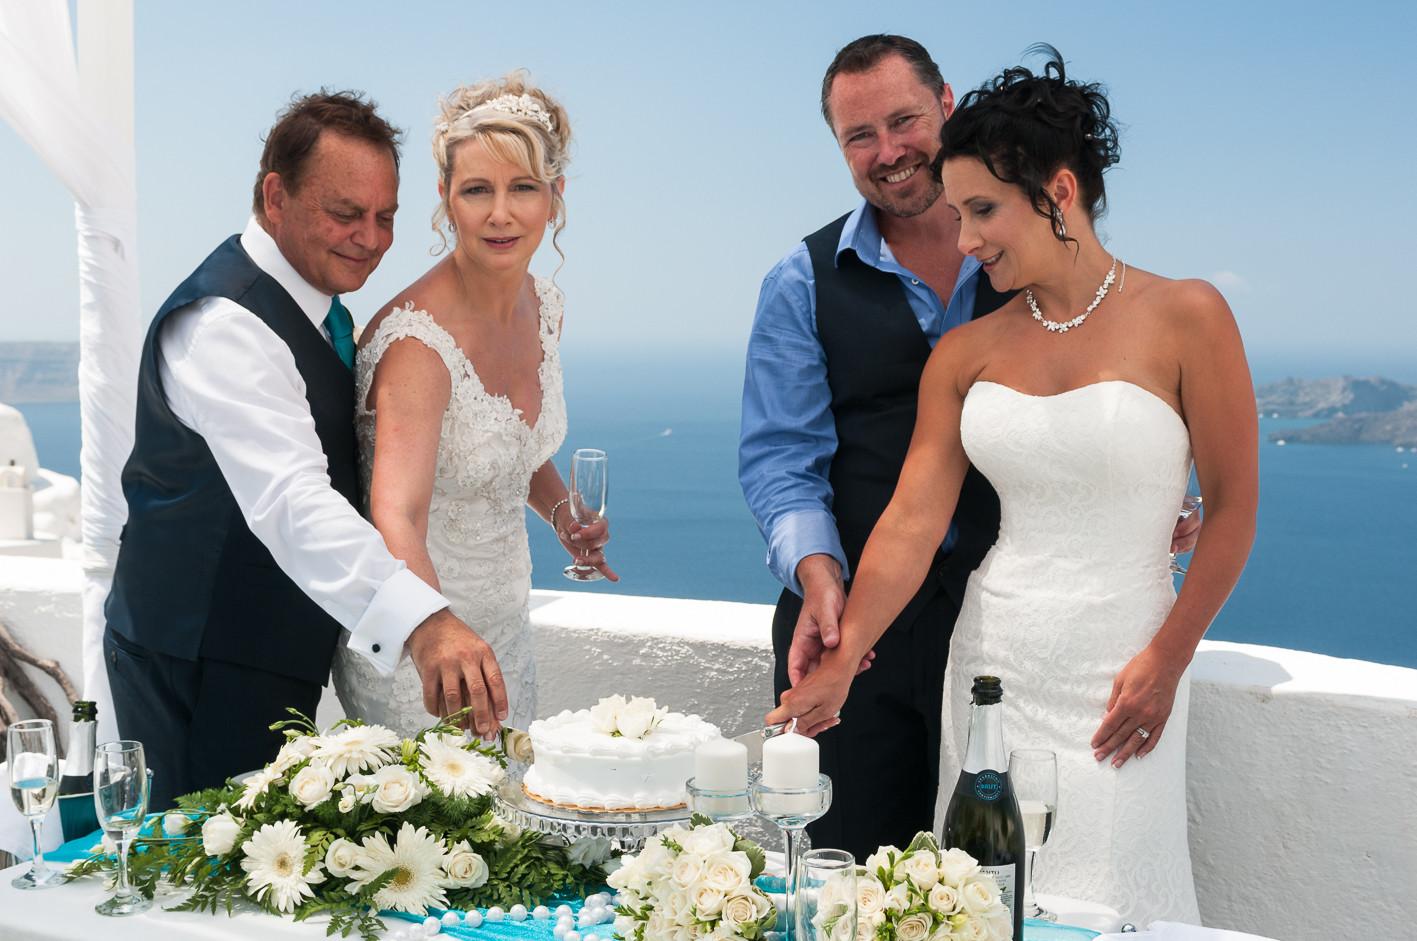 Santrini weddings 16.jpg